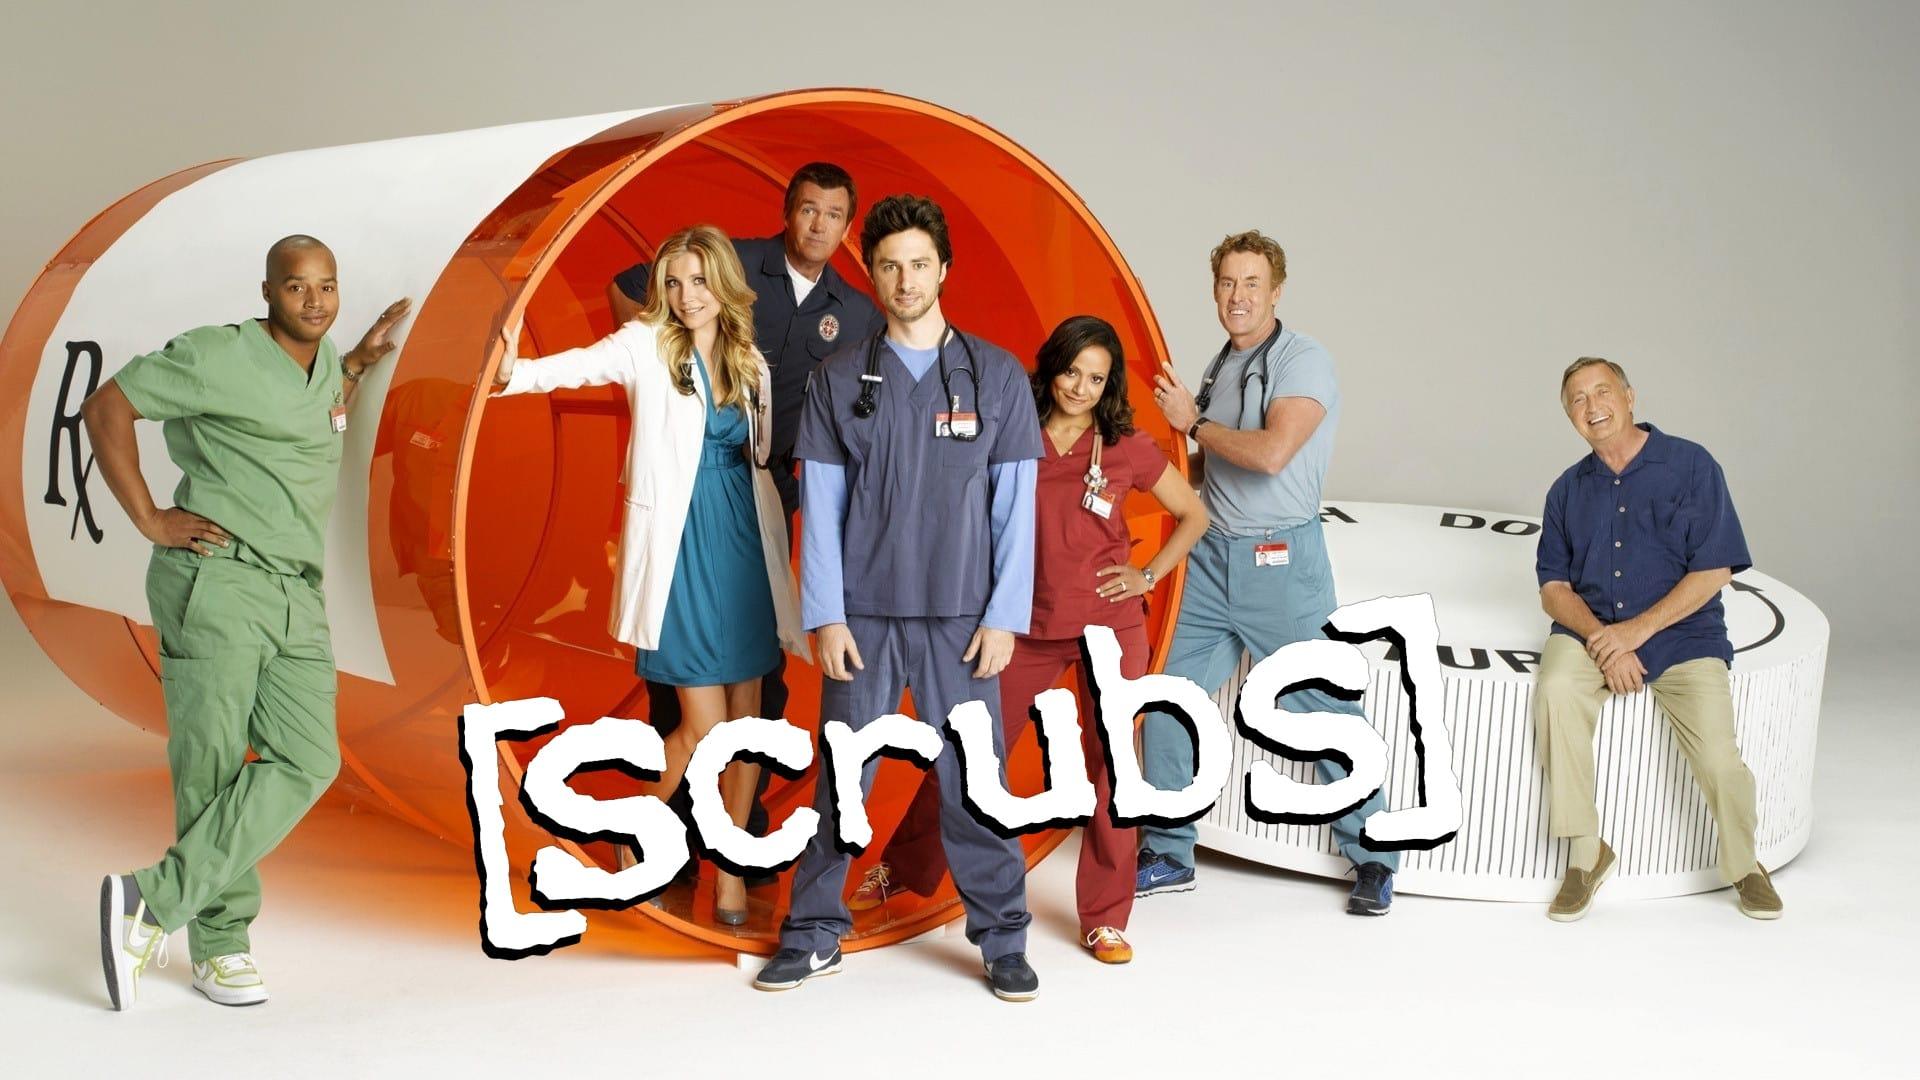 watch scrubs online project free tv